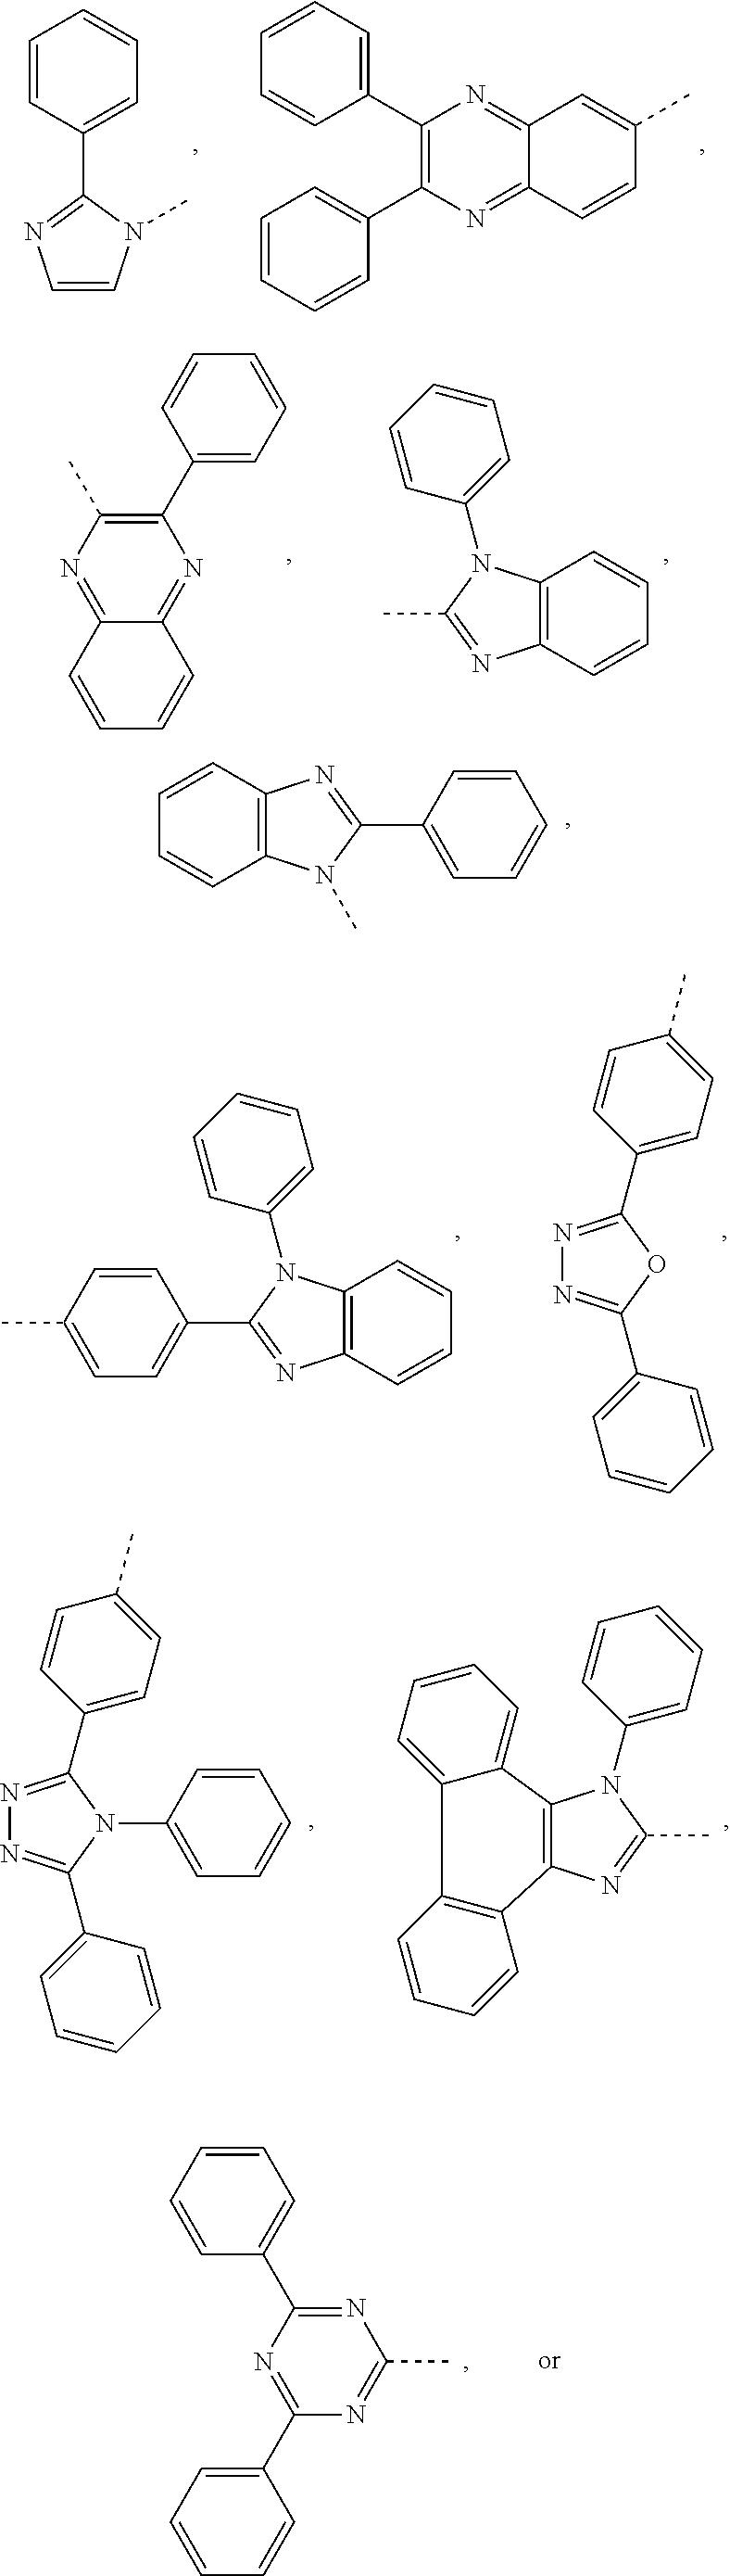 Figure US09079872-20150714-C00122